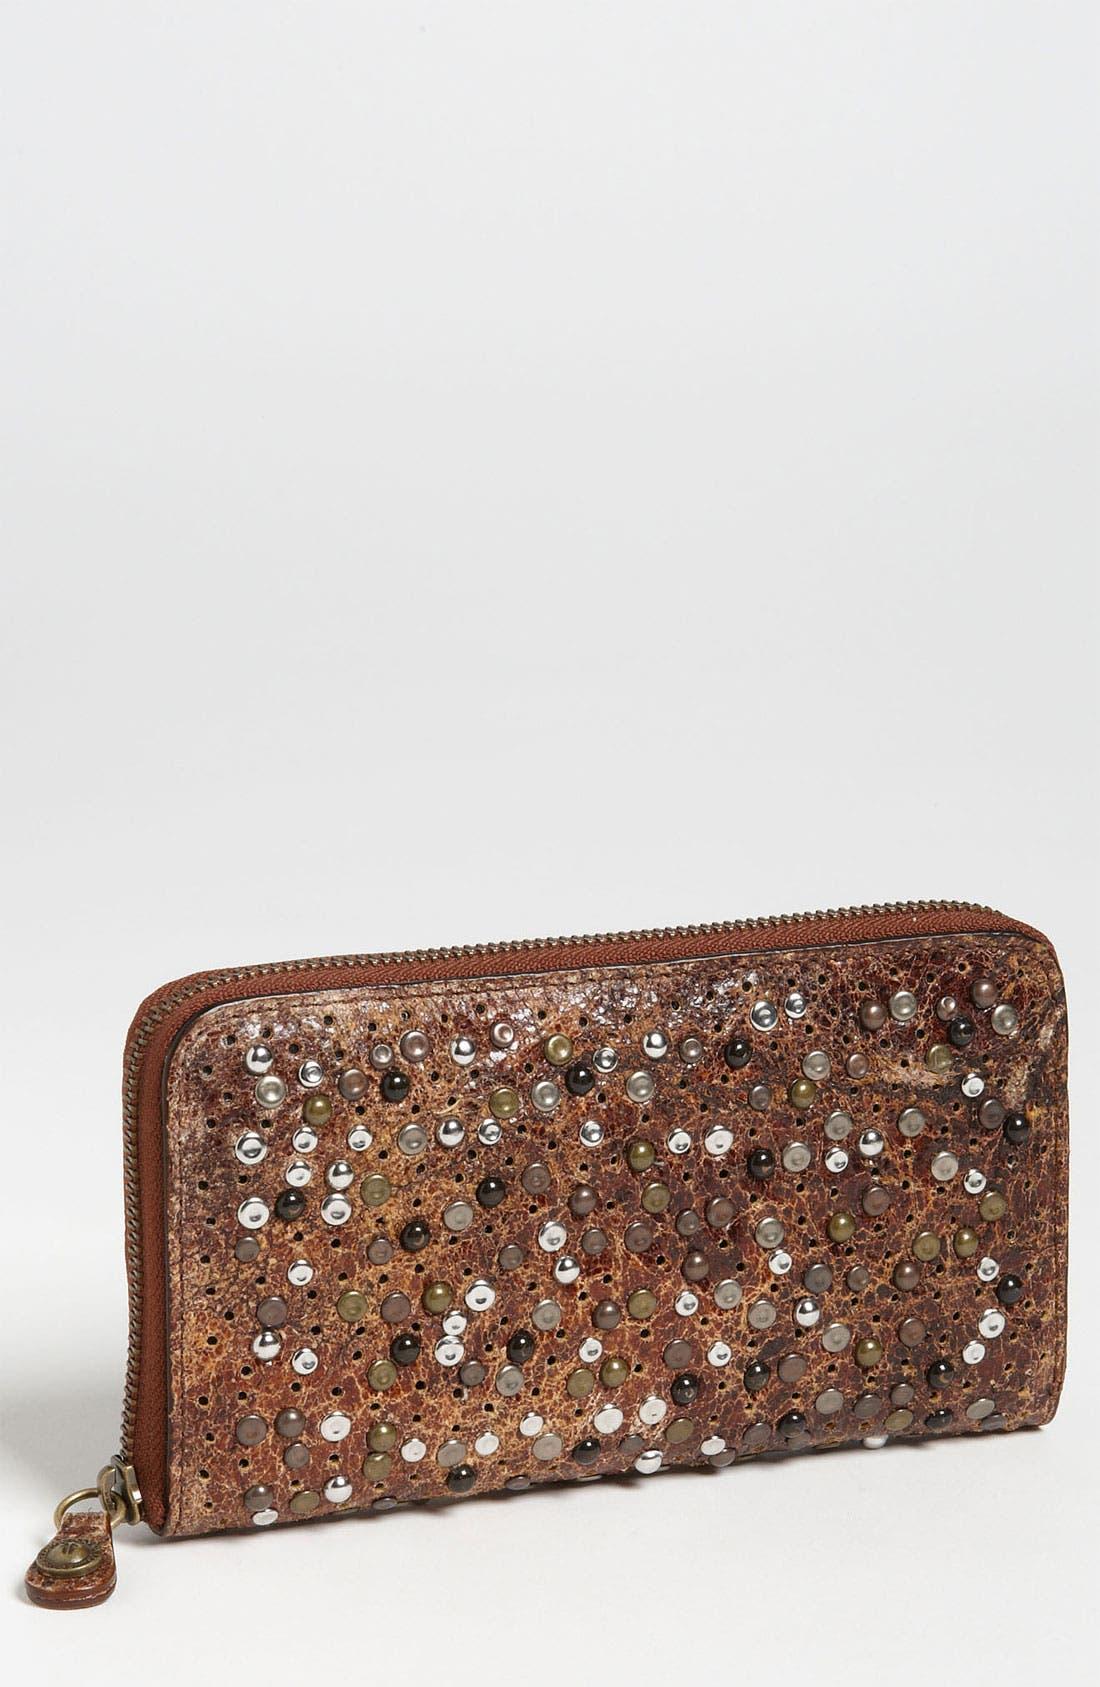 Alternate Image 1 Selected - Frye 'Deborah' Wallet